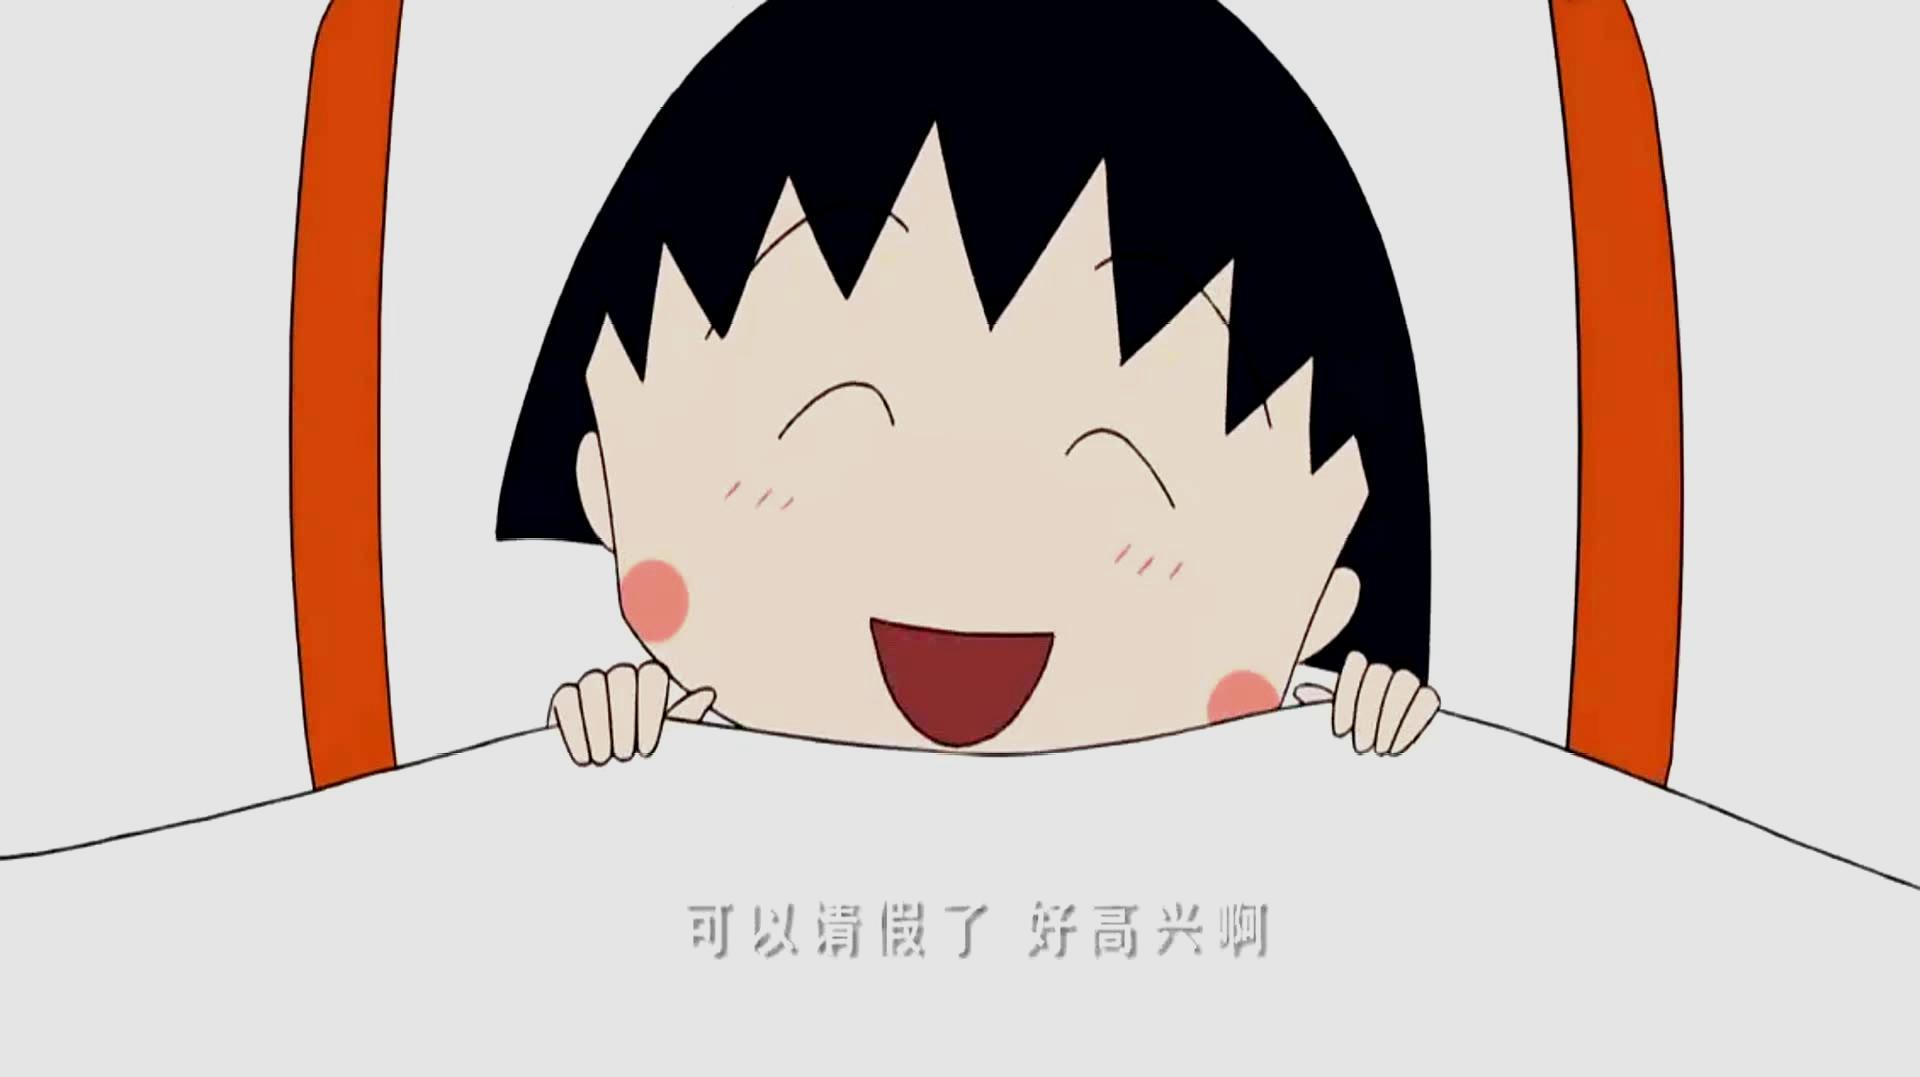 樱桃小丸子:小丸子有点发烧了,可以不用去学校,真是太高兴了!